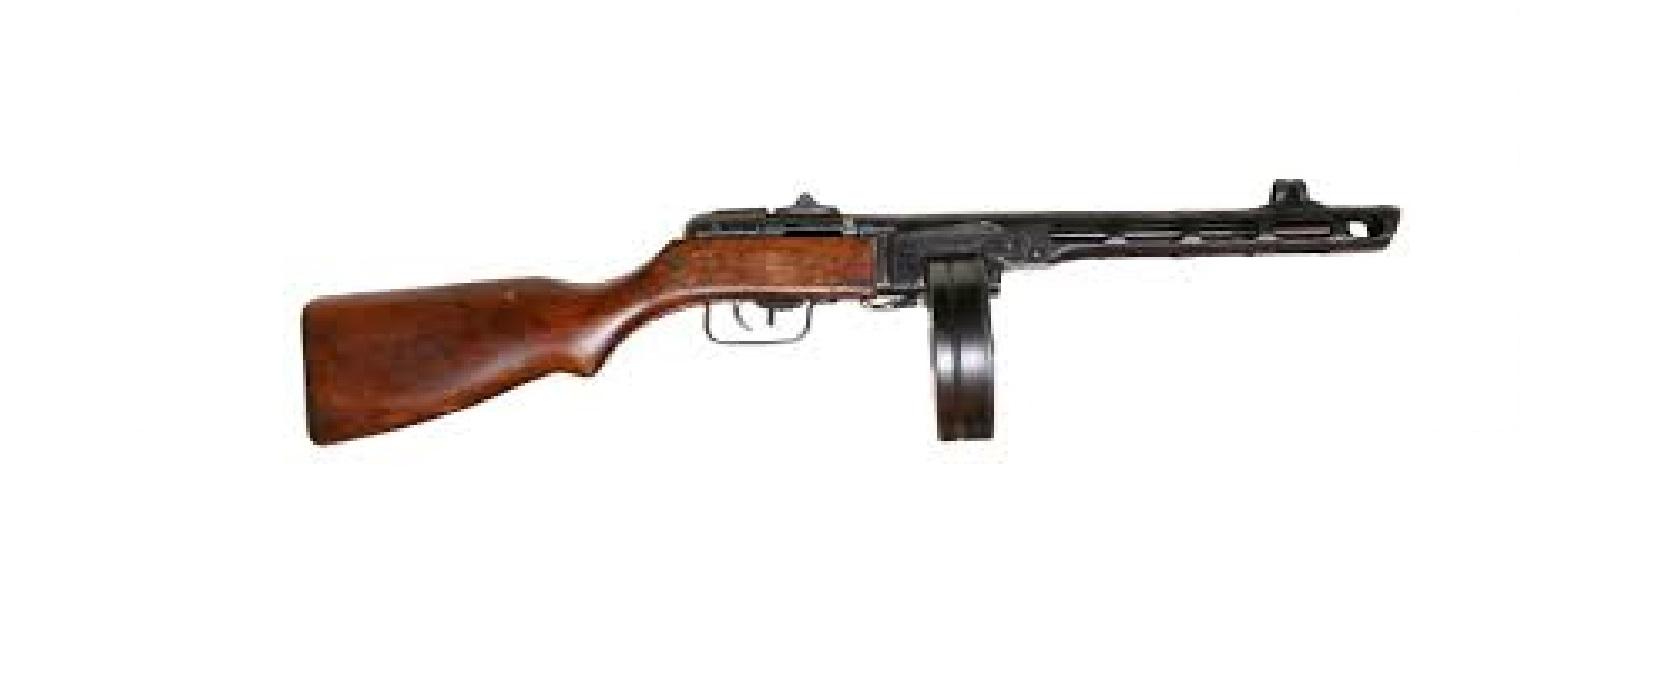 TNW PPSh-41